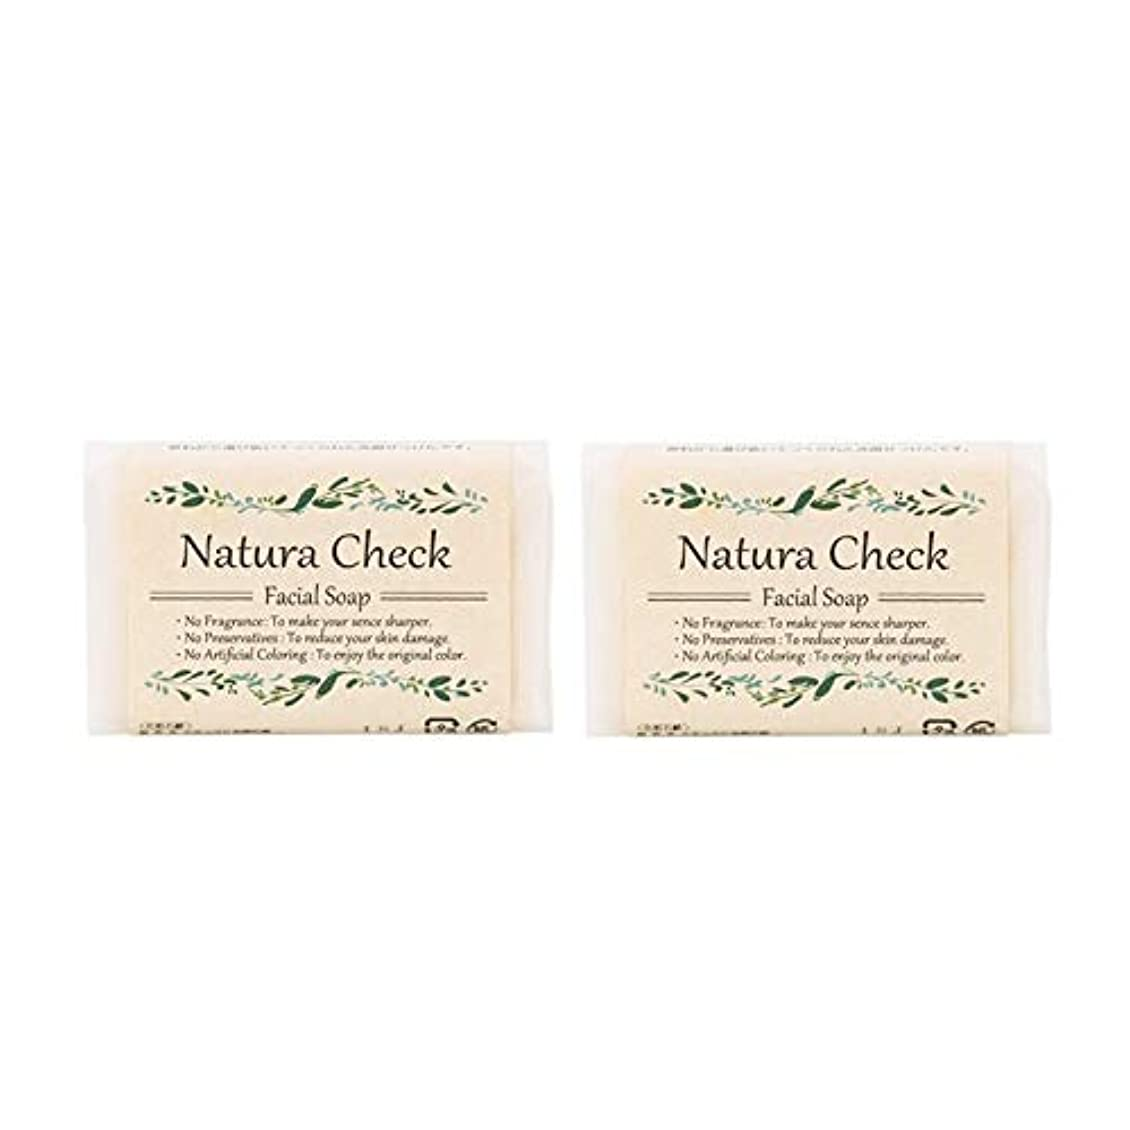 アルミニウムである南方のNatura Check 無添加洗顔せっけん80g 2個セット 毛穴の黒ずみ、毛穴の開き、敏感肌、乾燥肌対策に 新生児やアトピー肌にも安心